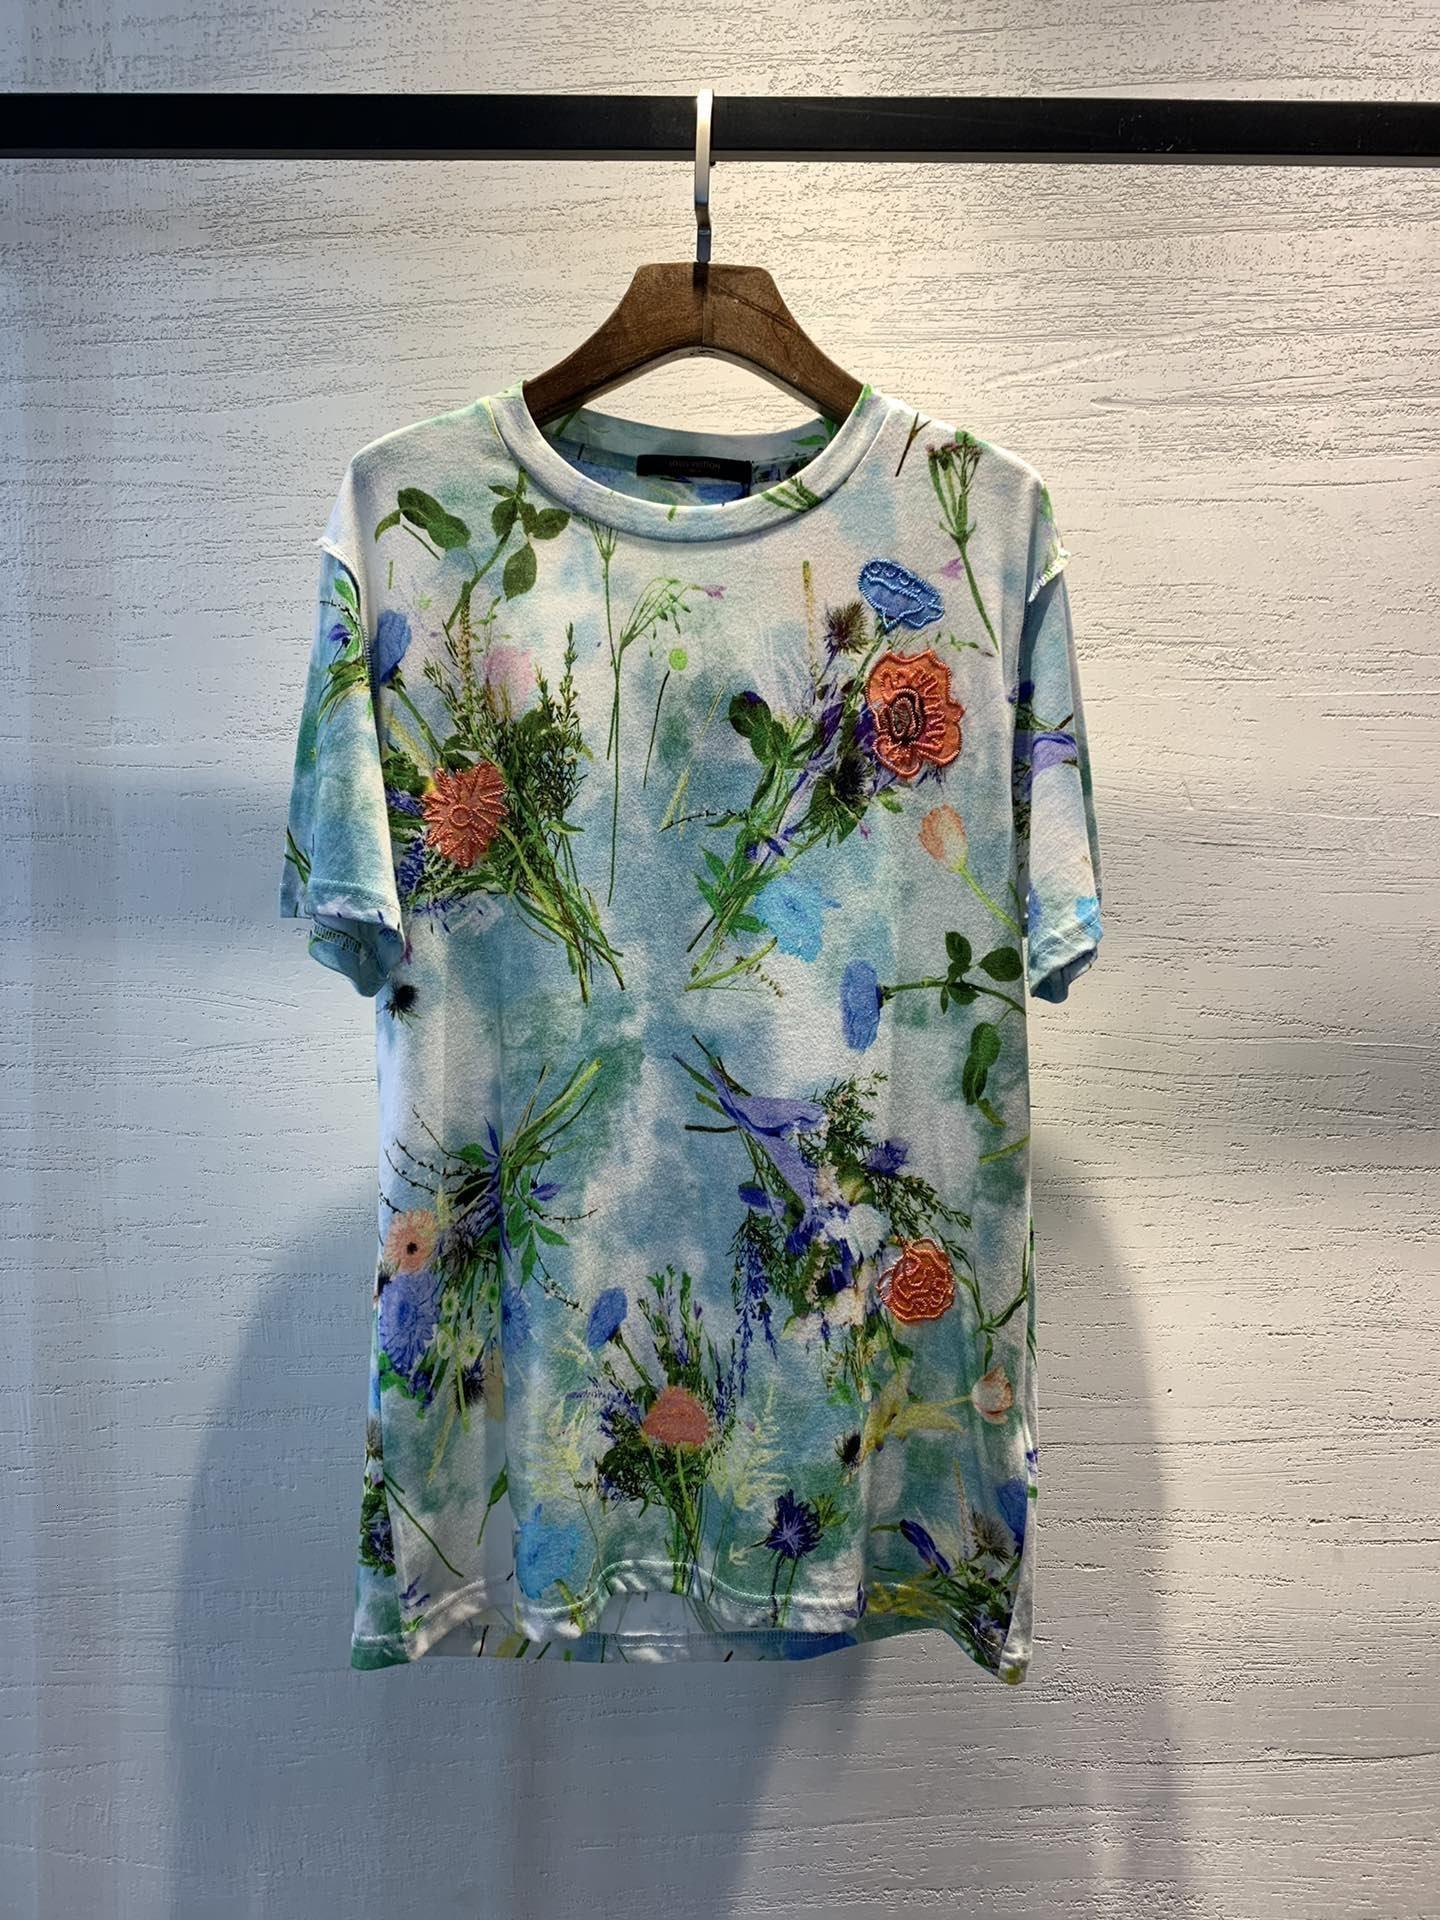 2020 yüksek kaliteli yeni bayanlar kısa kollu üst yaz gömlek moda tişört iyi bayan giyim KWZ4